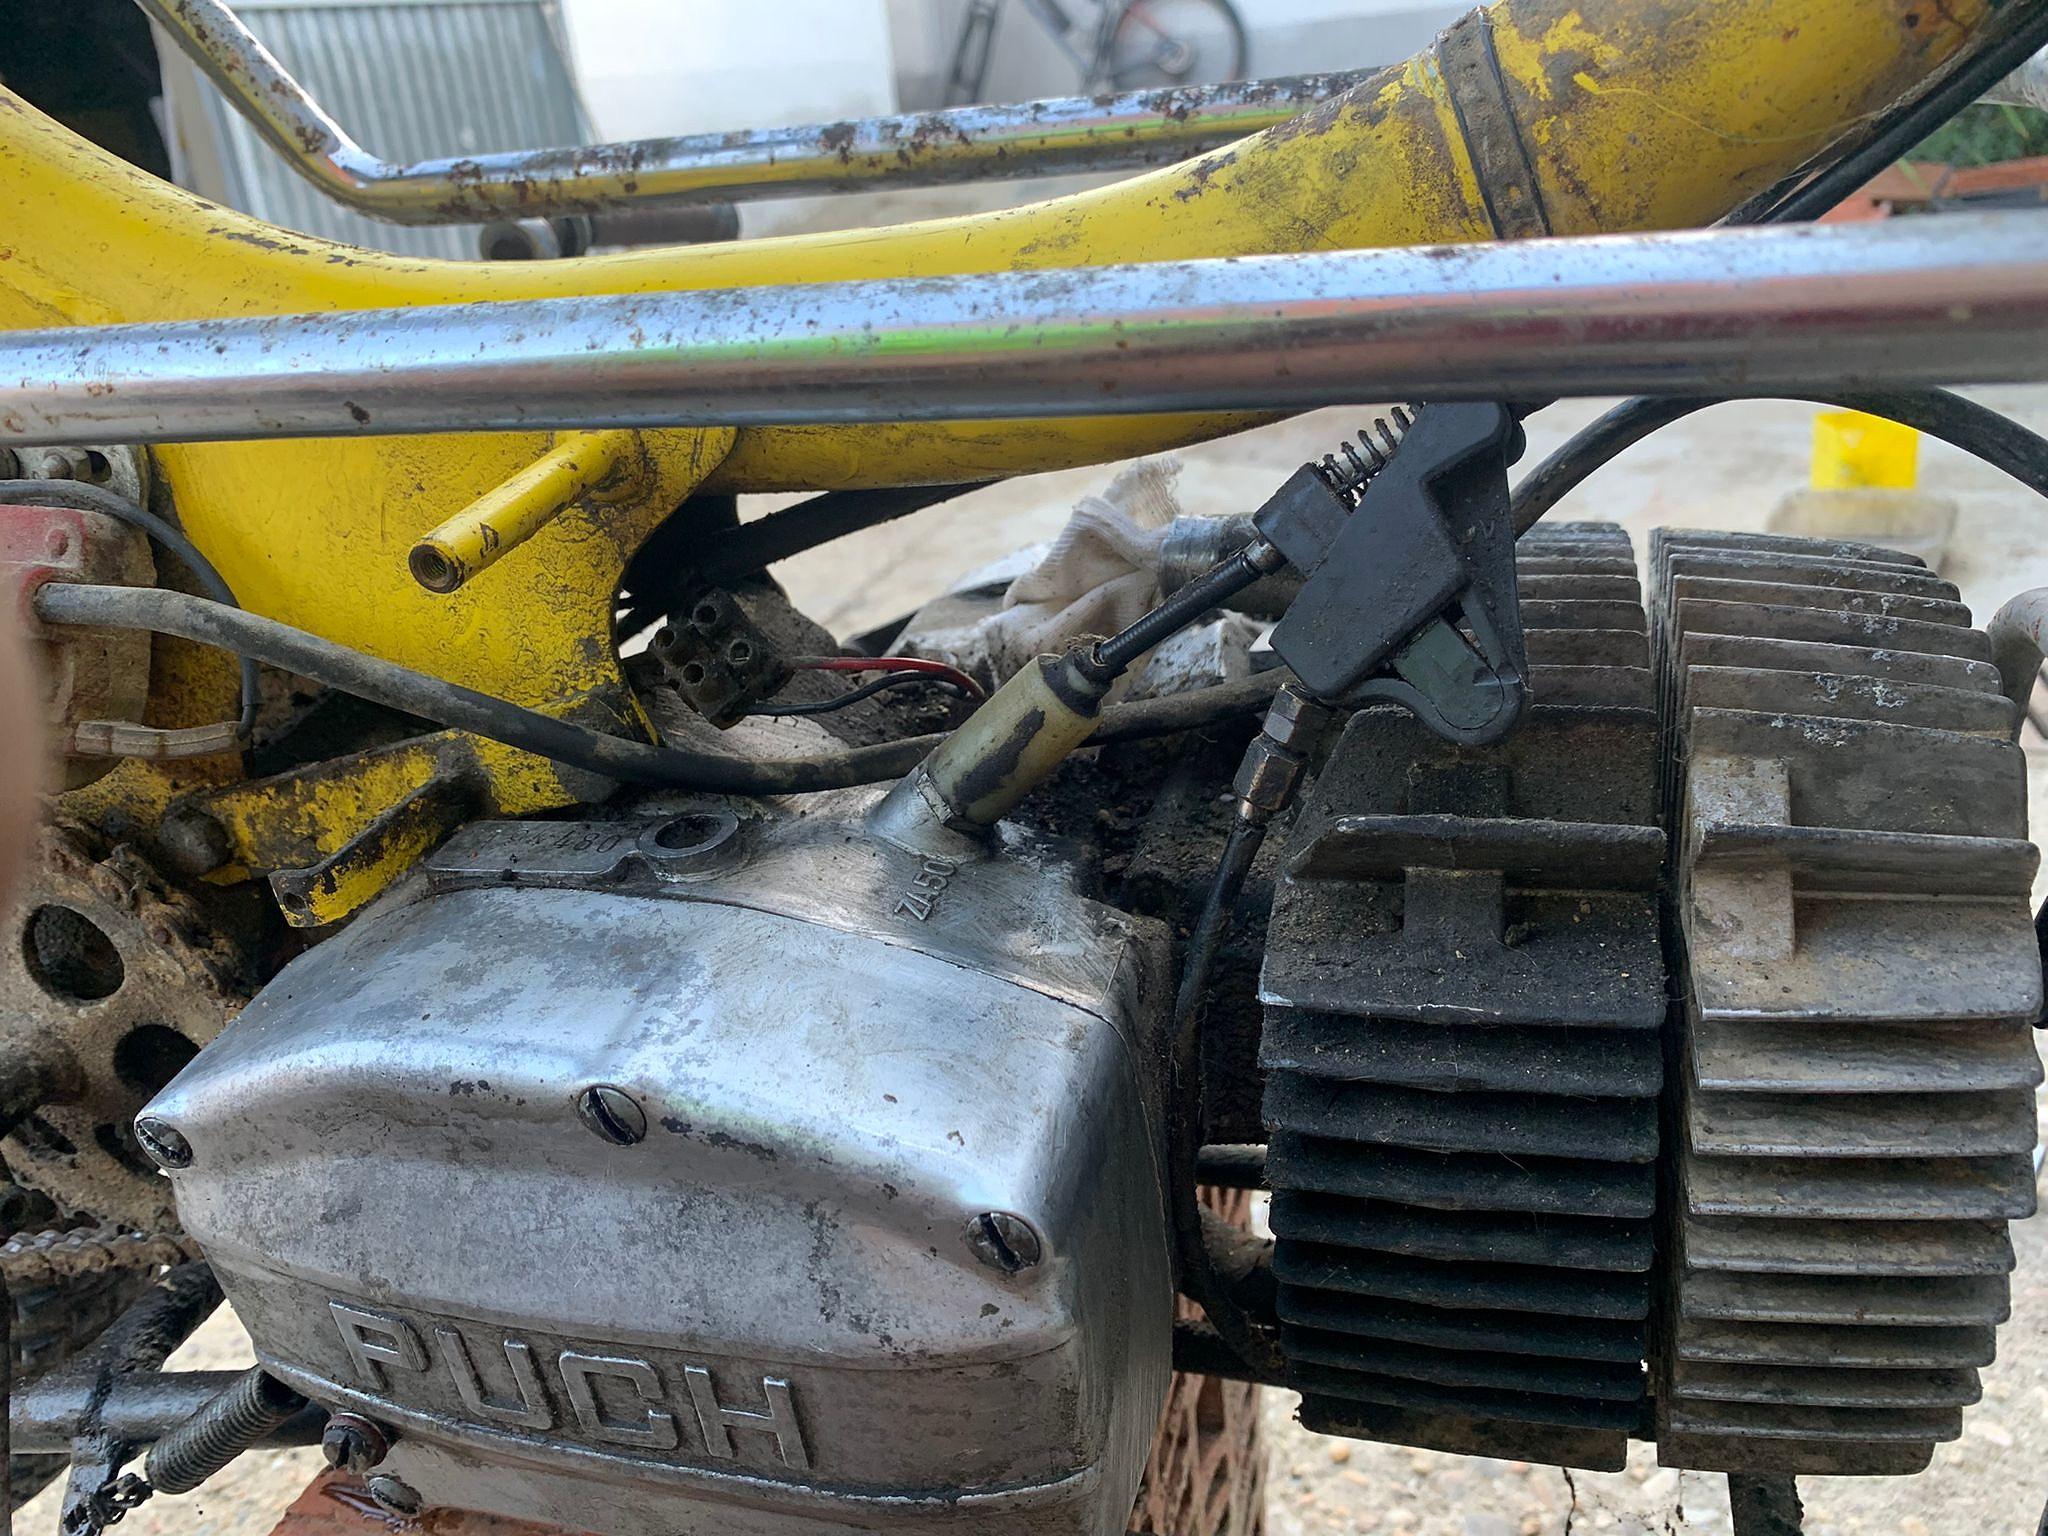 Problema con cable del descompresor Puch x30 cross 945a32ebc6bfd7bfb9a954bc50f95cc2o